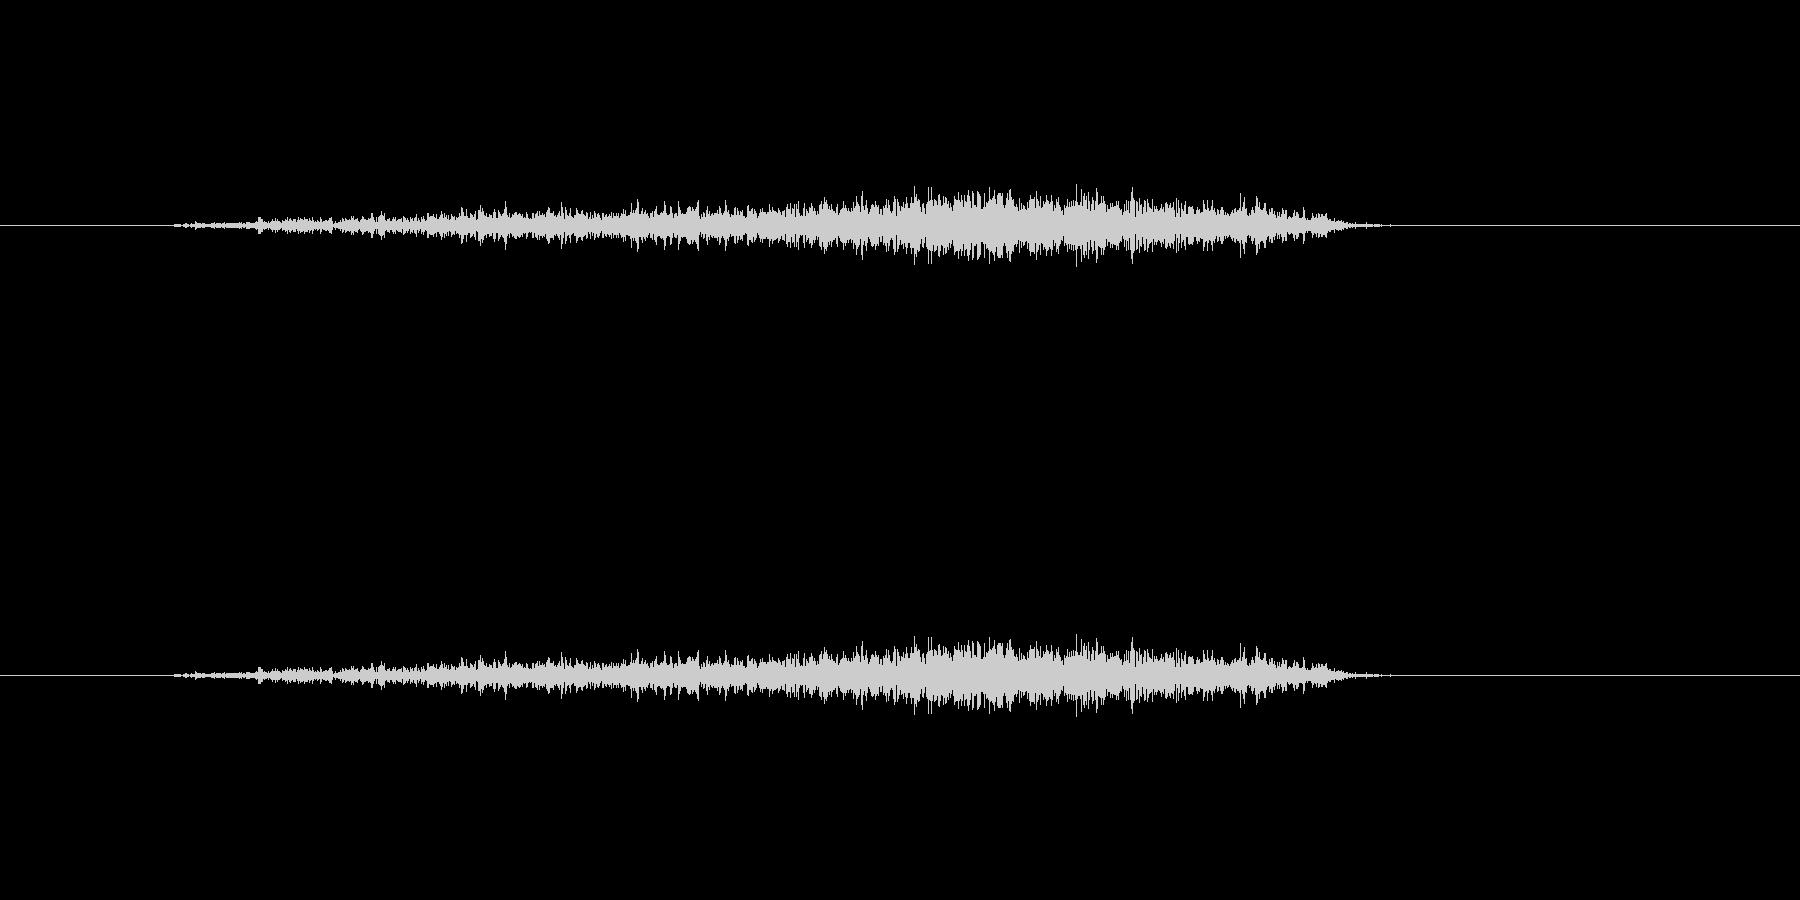 【フェルトペン01-2(直線)】の未再生の波形